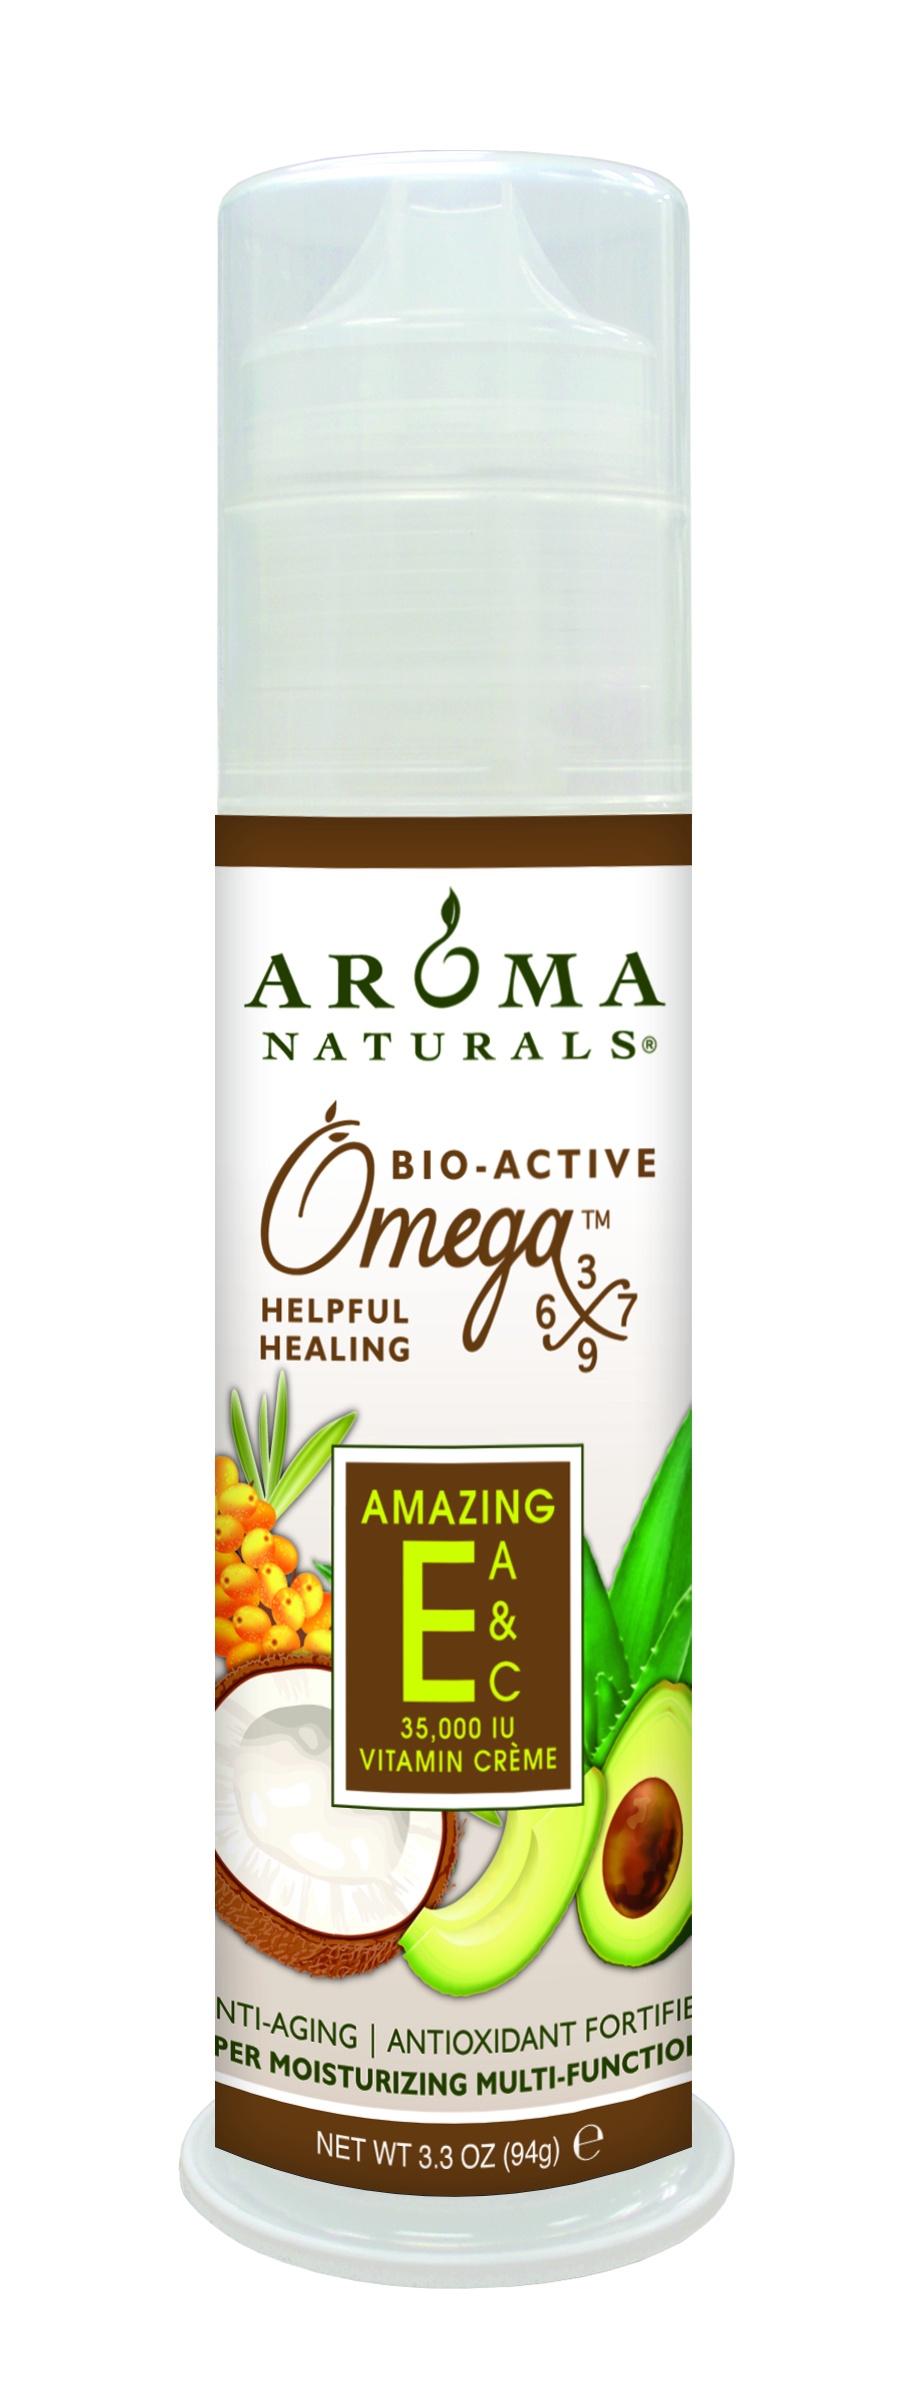 Aroma Naturals Крем с витамином Е, 94 г крем amazing aroma naturals